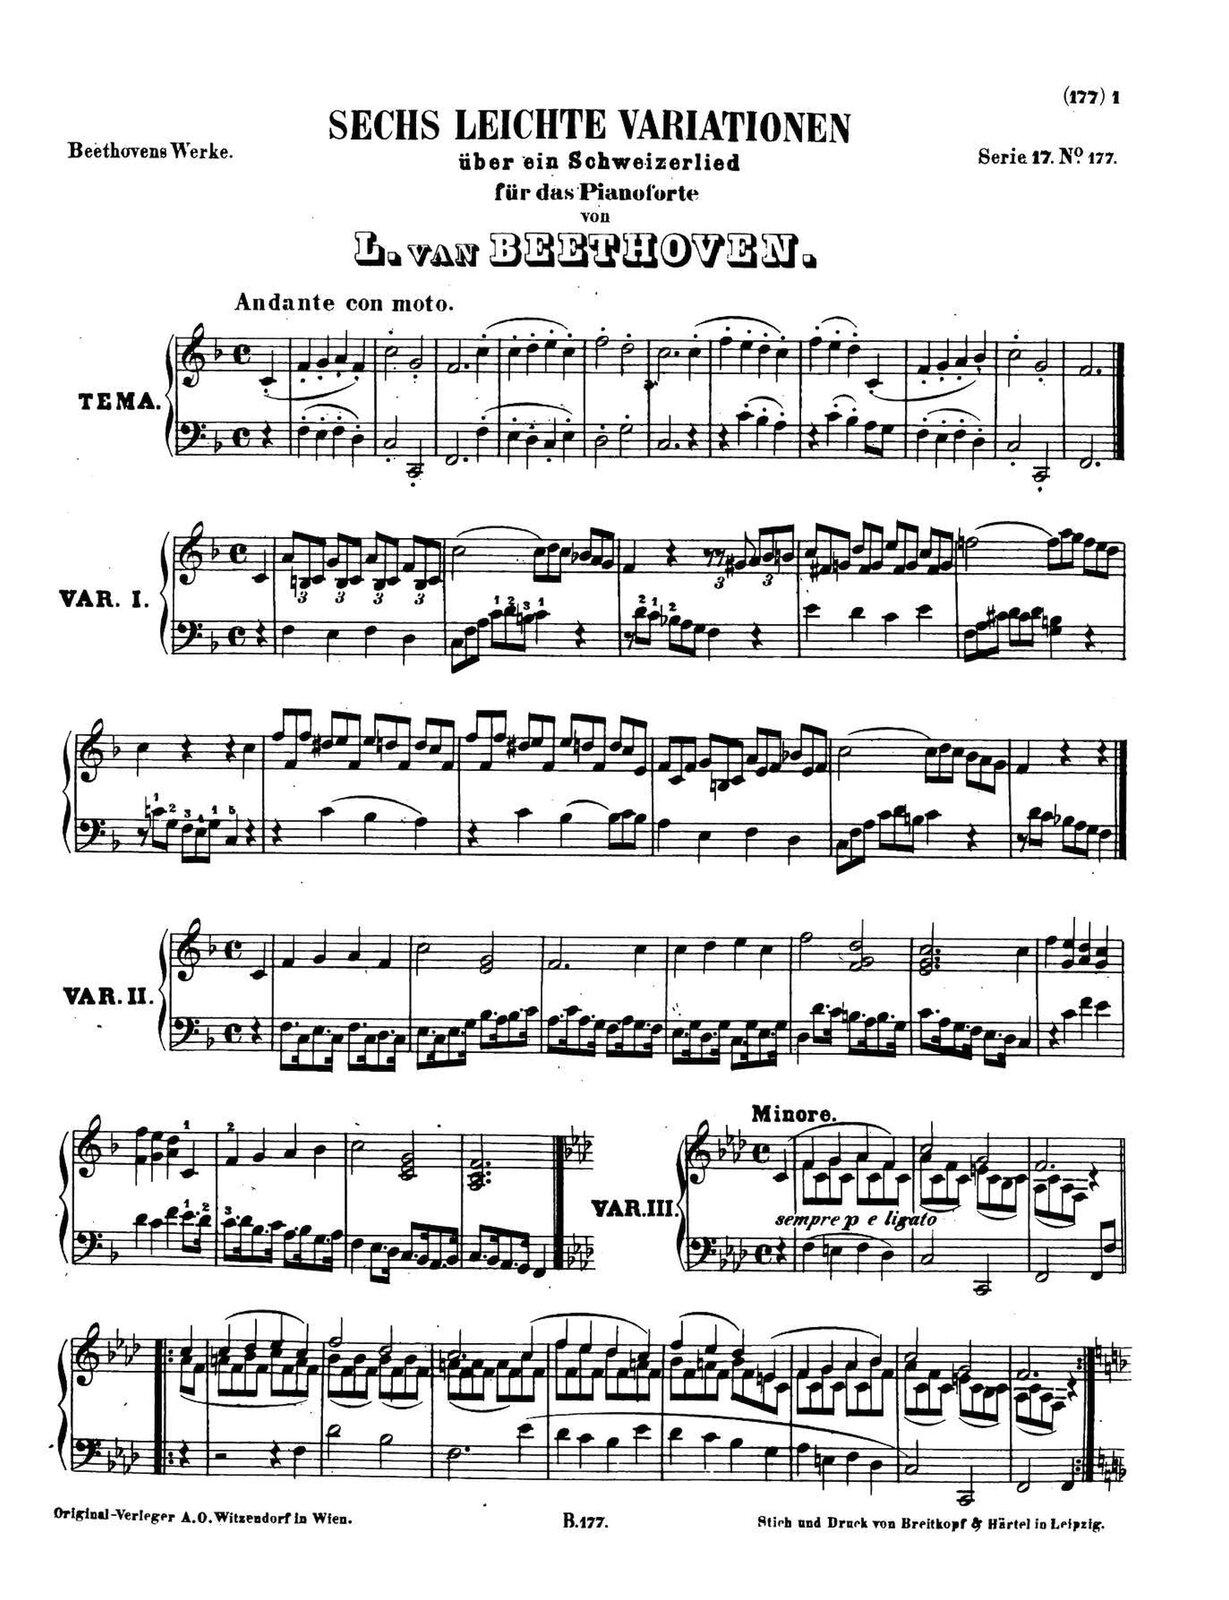 """Ilustracja przedstawia partyturę. Na pięciolinii zostały zaznaczone notacje muzyczne utworu Ludwig van Beethoven """"6 Łatwych wariacji na temat piosenki szwajcarskiej F-dur""""."""